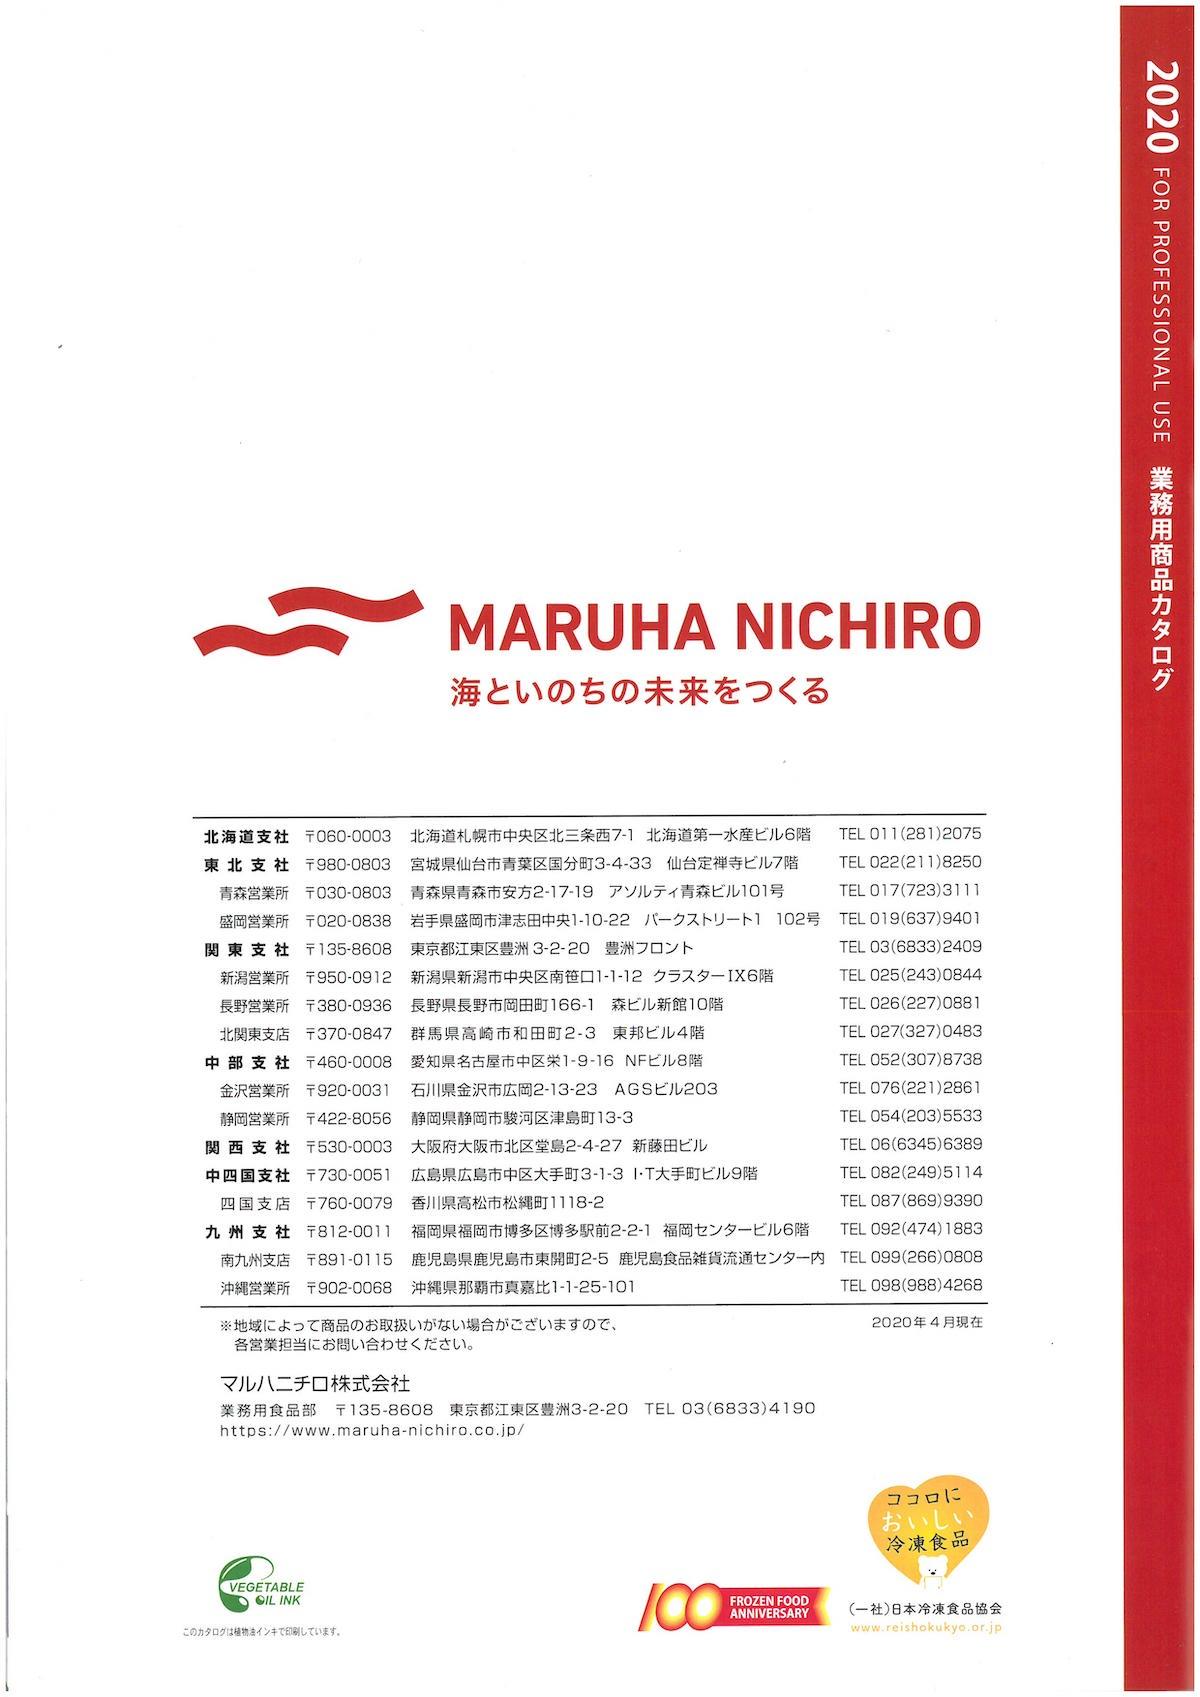 マルハニチロ 2020業務用商品カタログ 総合 FOR PROFESSIONAL USE MARUHA NICHIRO PRODUCT CATALOG